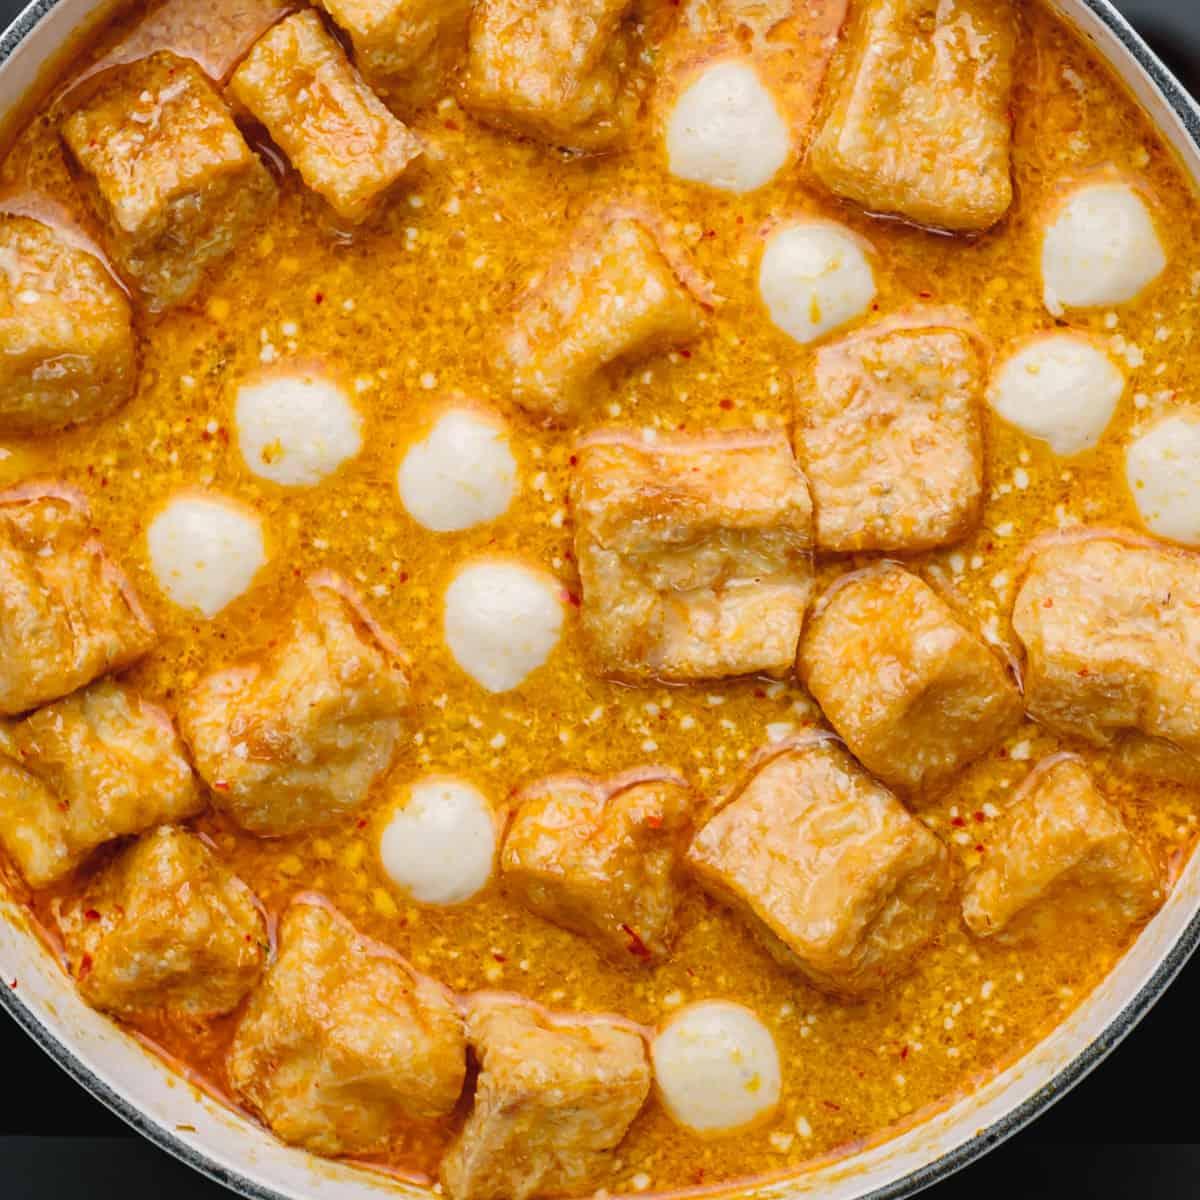 tofu puffs and fish balls